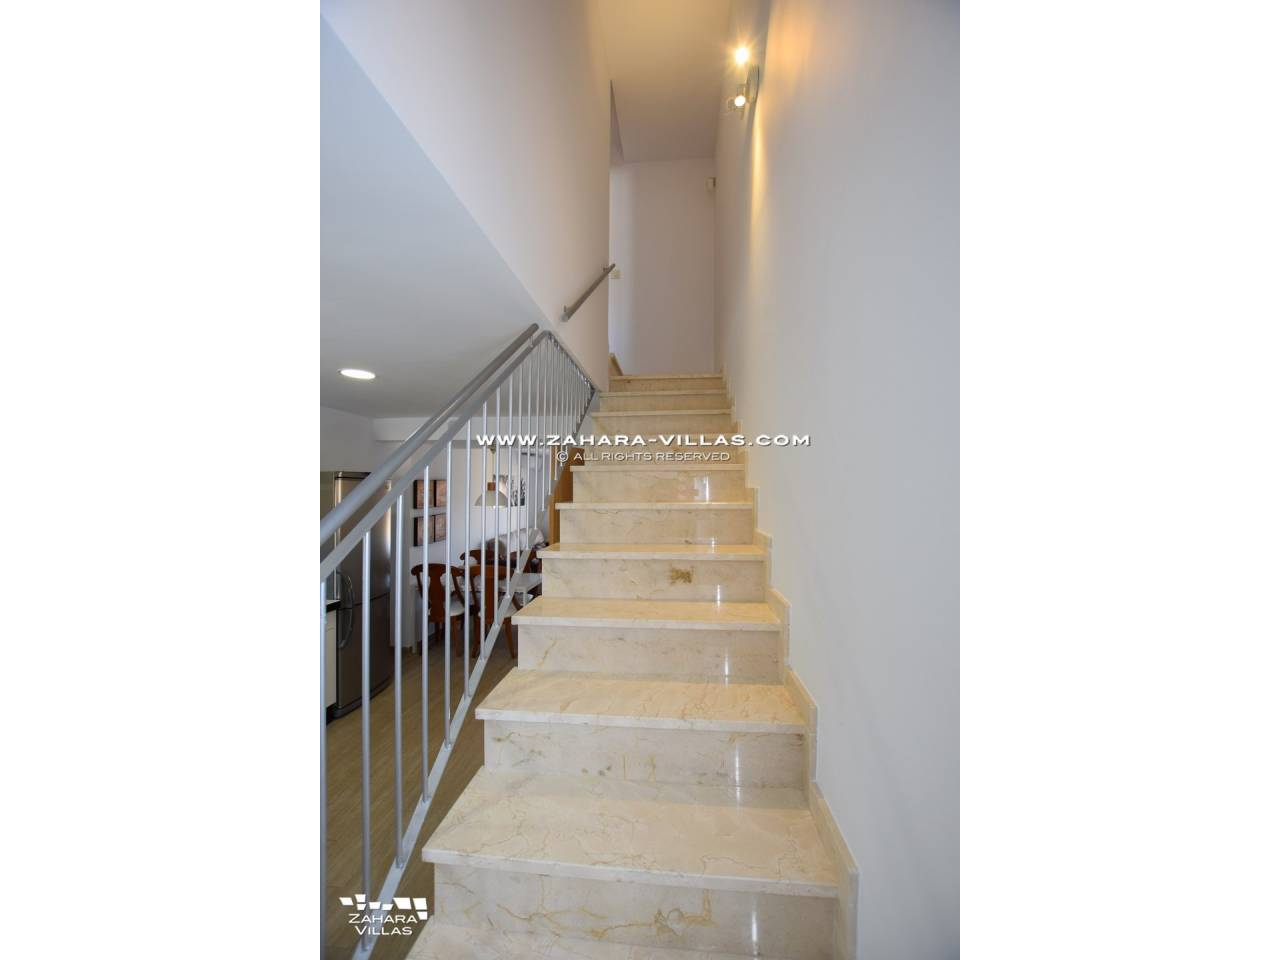 Imagen 27 de Casa Adosada en venta en Urb. Arenales Golf